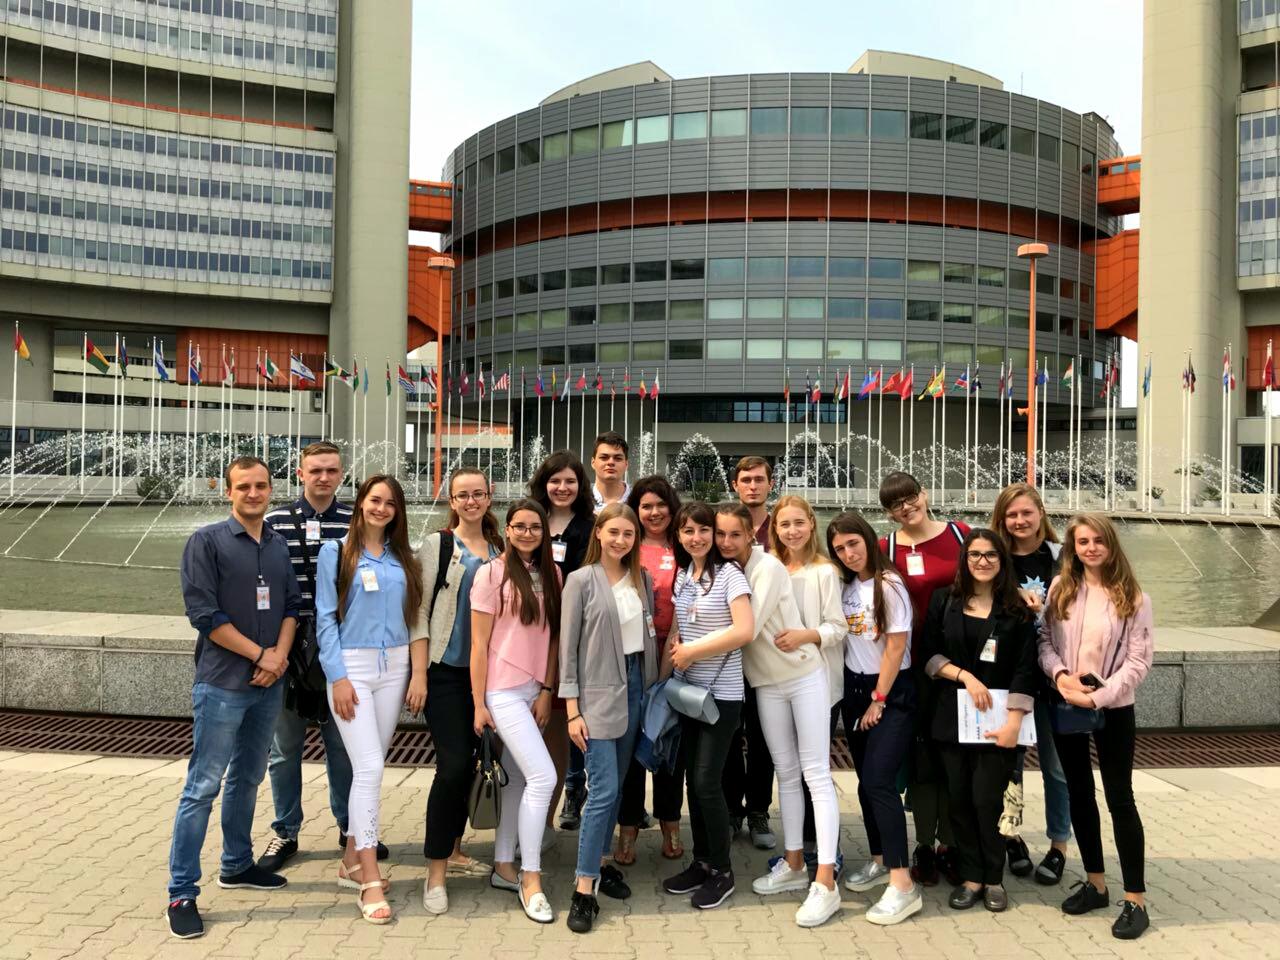 Міжнародна навчально-пізнавальна поїздка країнами Центрально-Східної Європи студентів факультету міжнародних відносин.